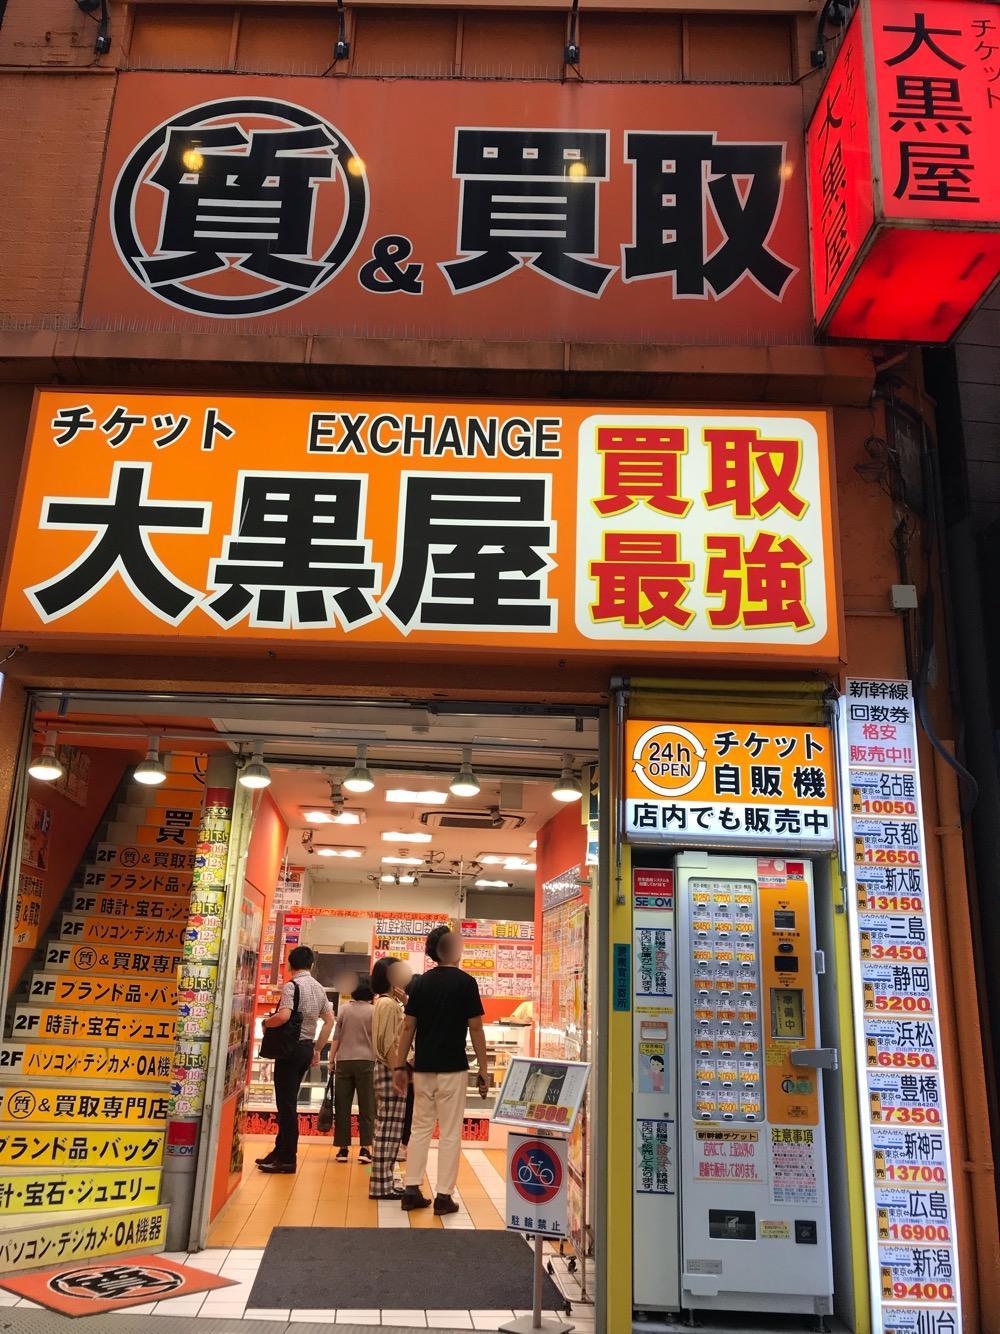 株式会社 大黒屋 東京駅前店の店舗外観